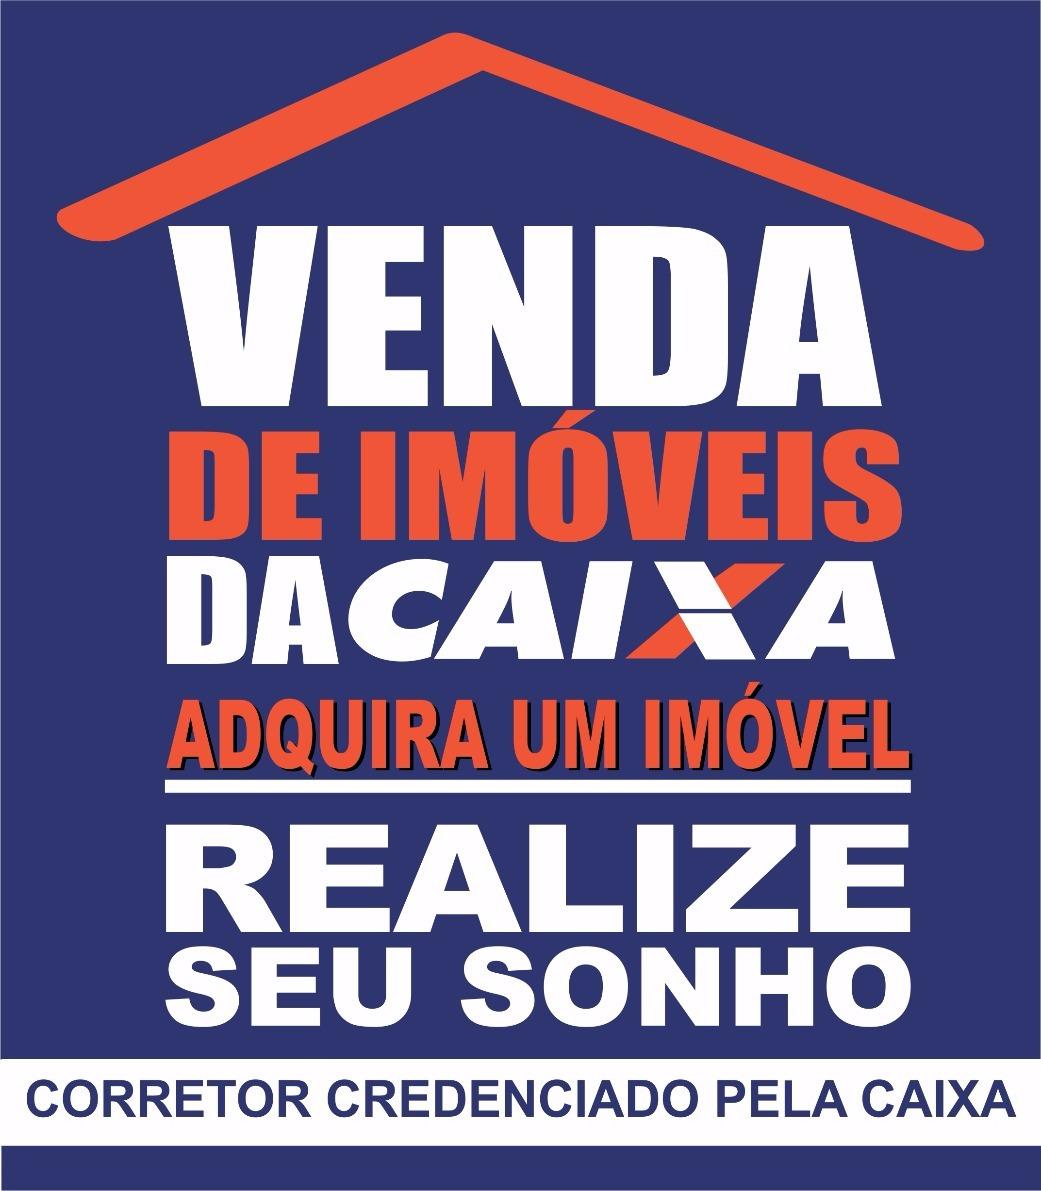 residencial sao bento ii - oportunidade caixa em sorocaba - sp   tipo: apartamento   negociação: venda direta online   situação: imóvel desocupado - cx48557sp